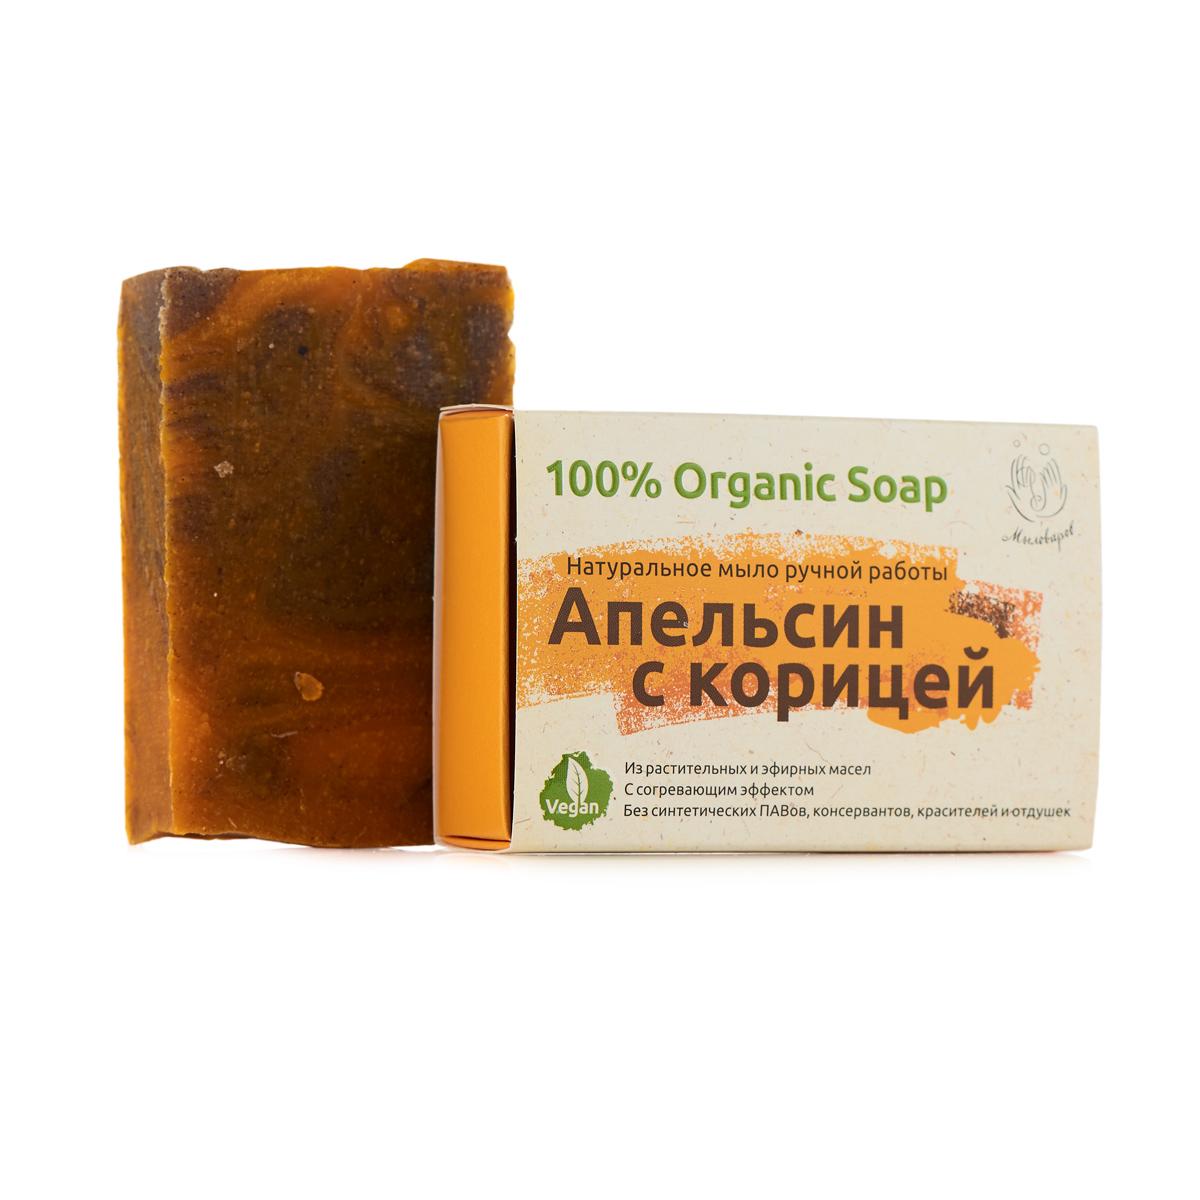 Мыловаров Натуральное мыло Апельсин с корицей 2 х 80гр.MYL-УТ000002127Прикоснитесь к этому удивительно нежному натуральному мылу, и курортное настроение закружит голову ощущением бесконечного праздника. Уникальный комплекс натуральных масел сделает вашу кожу волнительно упругой и гладкой, а знойный аромат спелого апельсина и бодрящей корицы превратят купание в истинное наслаждение.Это 100% натуральный продукт, не содержит искусственных ПАВов, отдушек, красителей и консервантов.